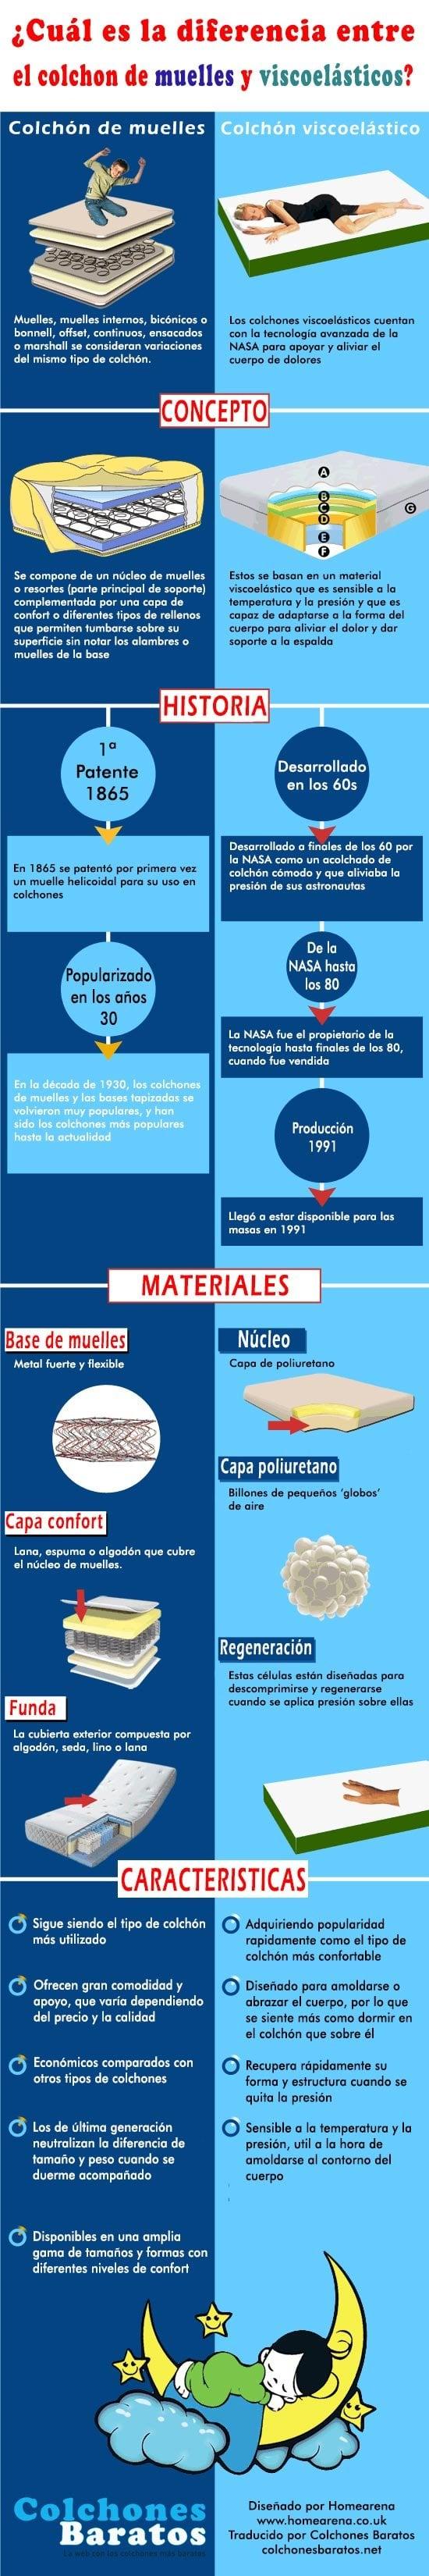 Diferencias entre los colchones de muelles y el colch n viscoel stico colchones baratos - Diferencias entre colchones ...